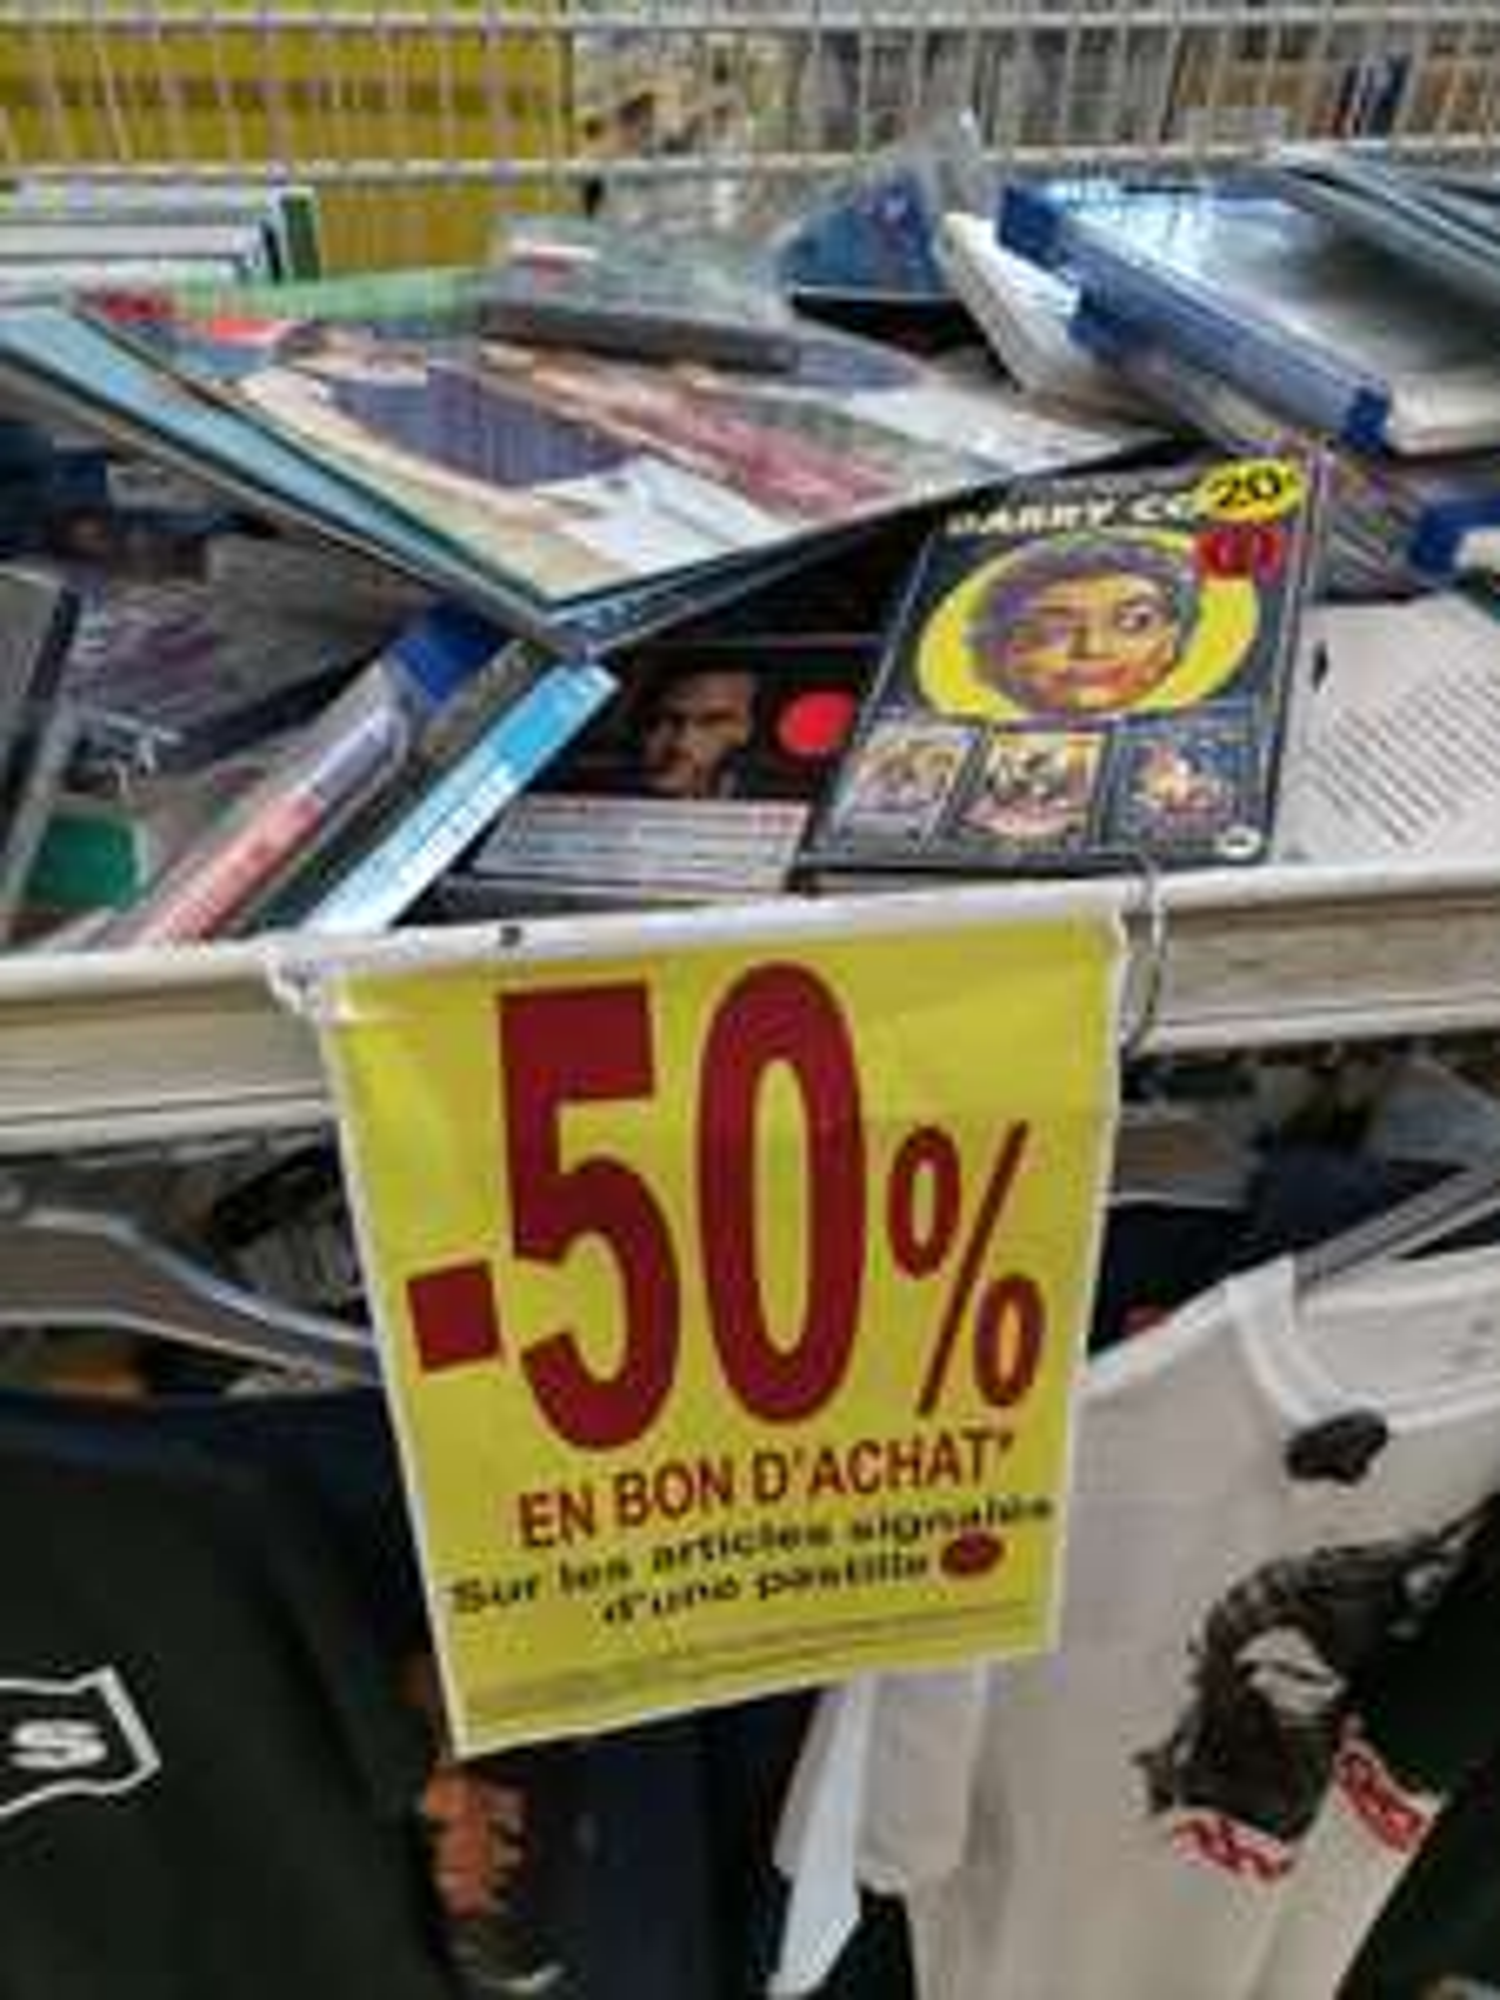 50% offerts en bon d'achat sur une sélection de jeux-vidéos, DVD, CD - Mulhouse (68)